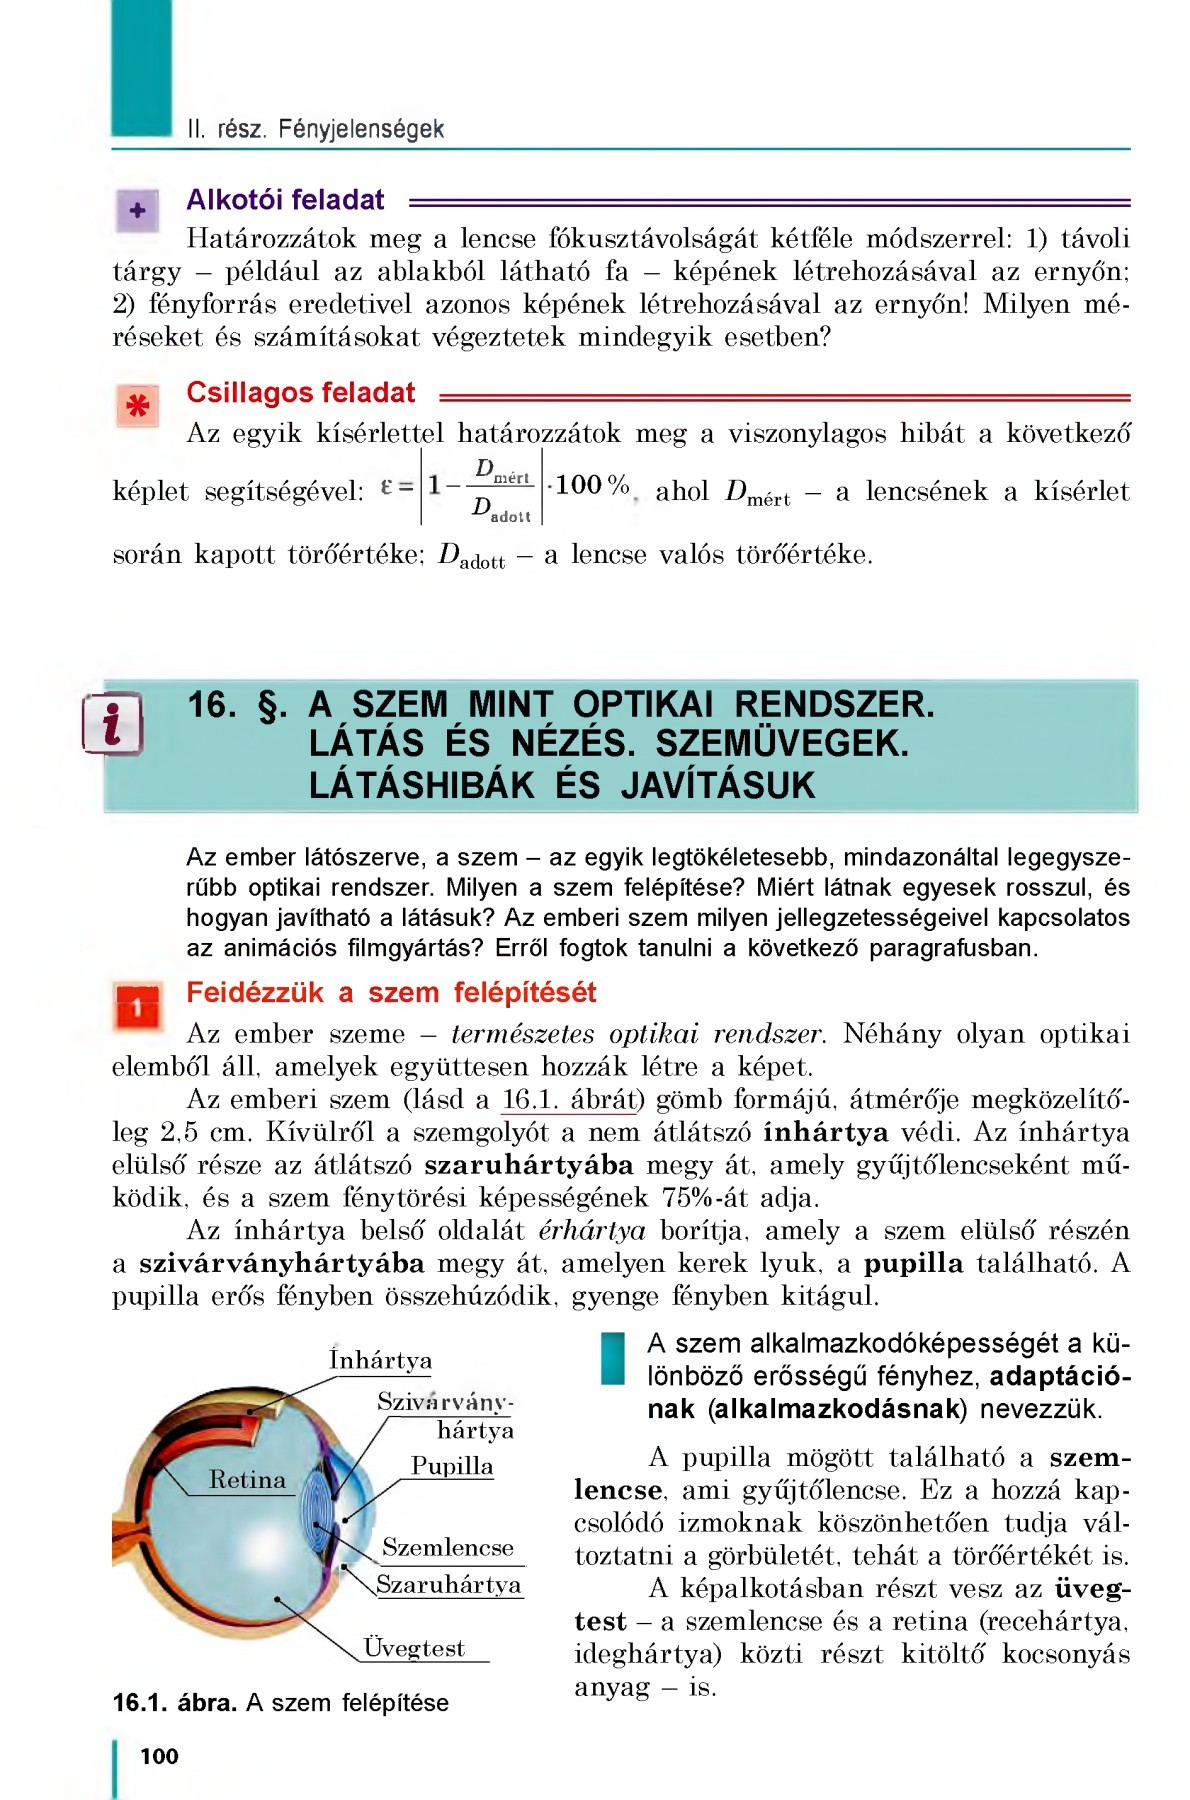 Mit kell tudni a rövidlátásról? - Kárpázonataxi.hu